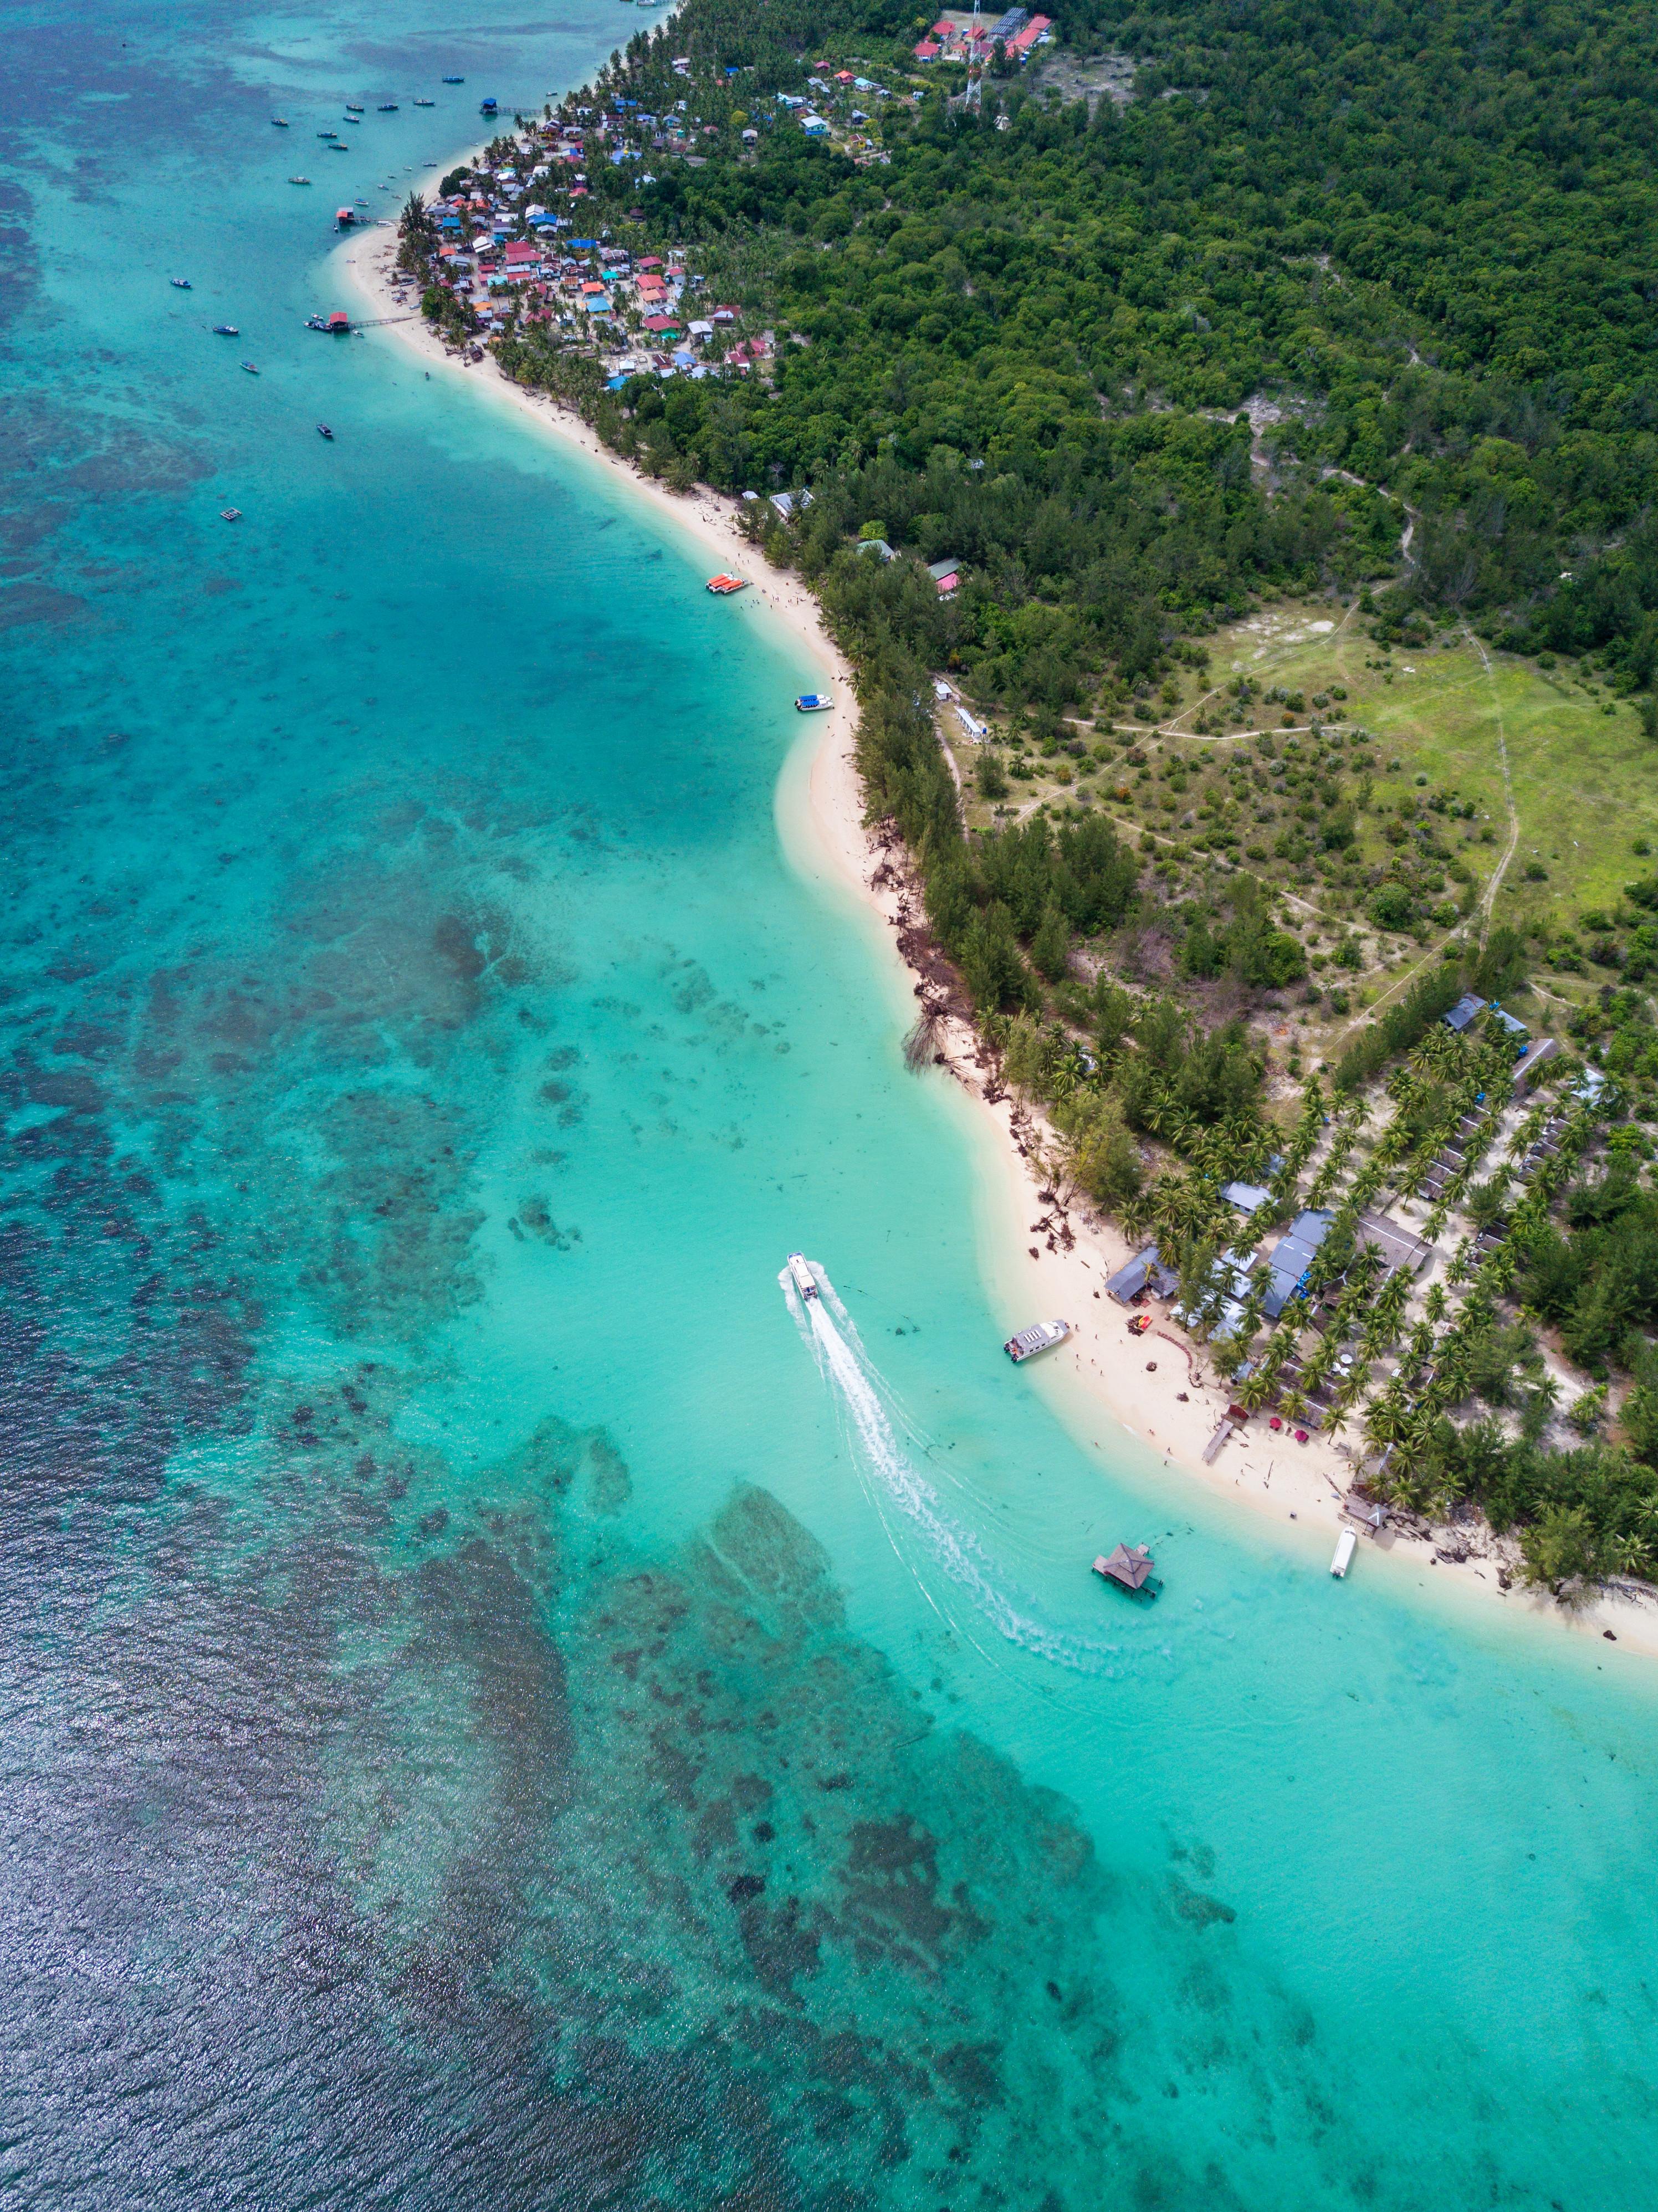 133188壁紙のダウンロード自然, 海岸, 海, ビーチ, 木, 上から見る-スクリーンセーバーと写真を無料で